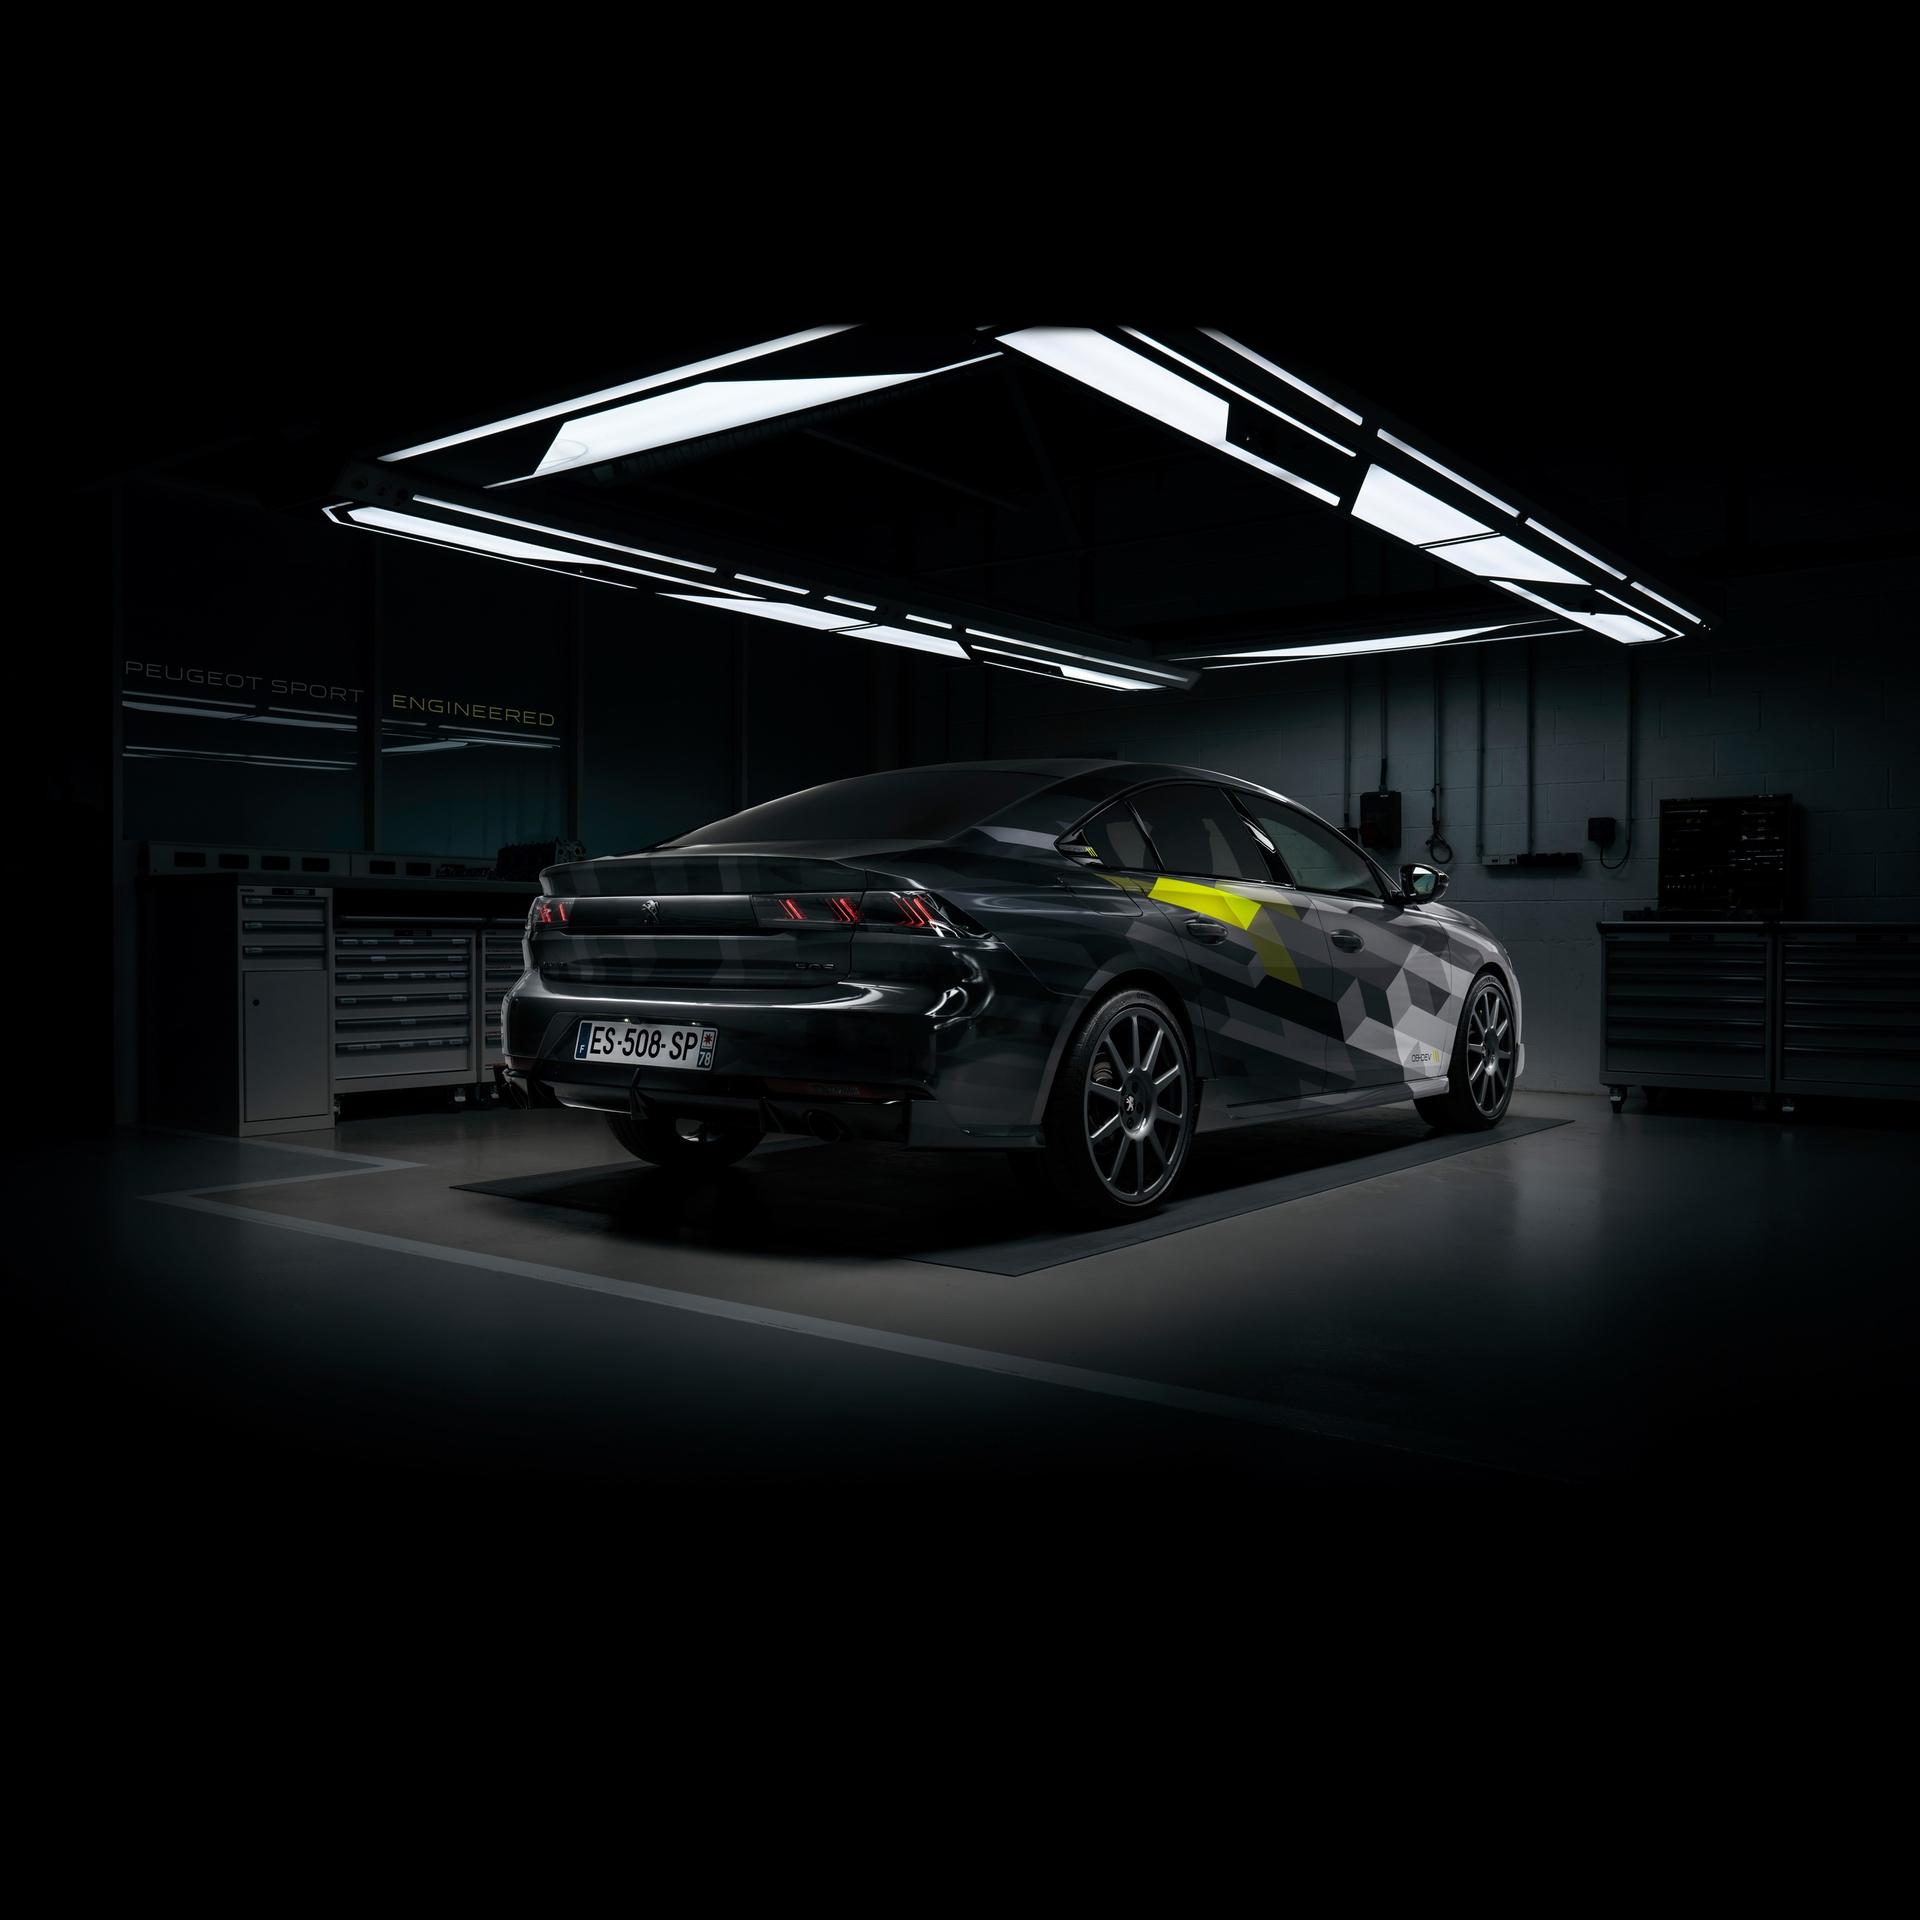 Peugeot_508_Sport_Engineered_0007